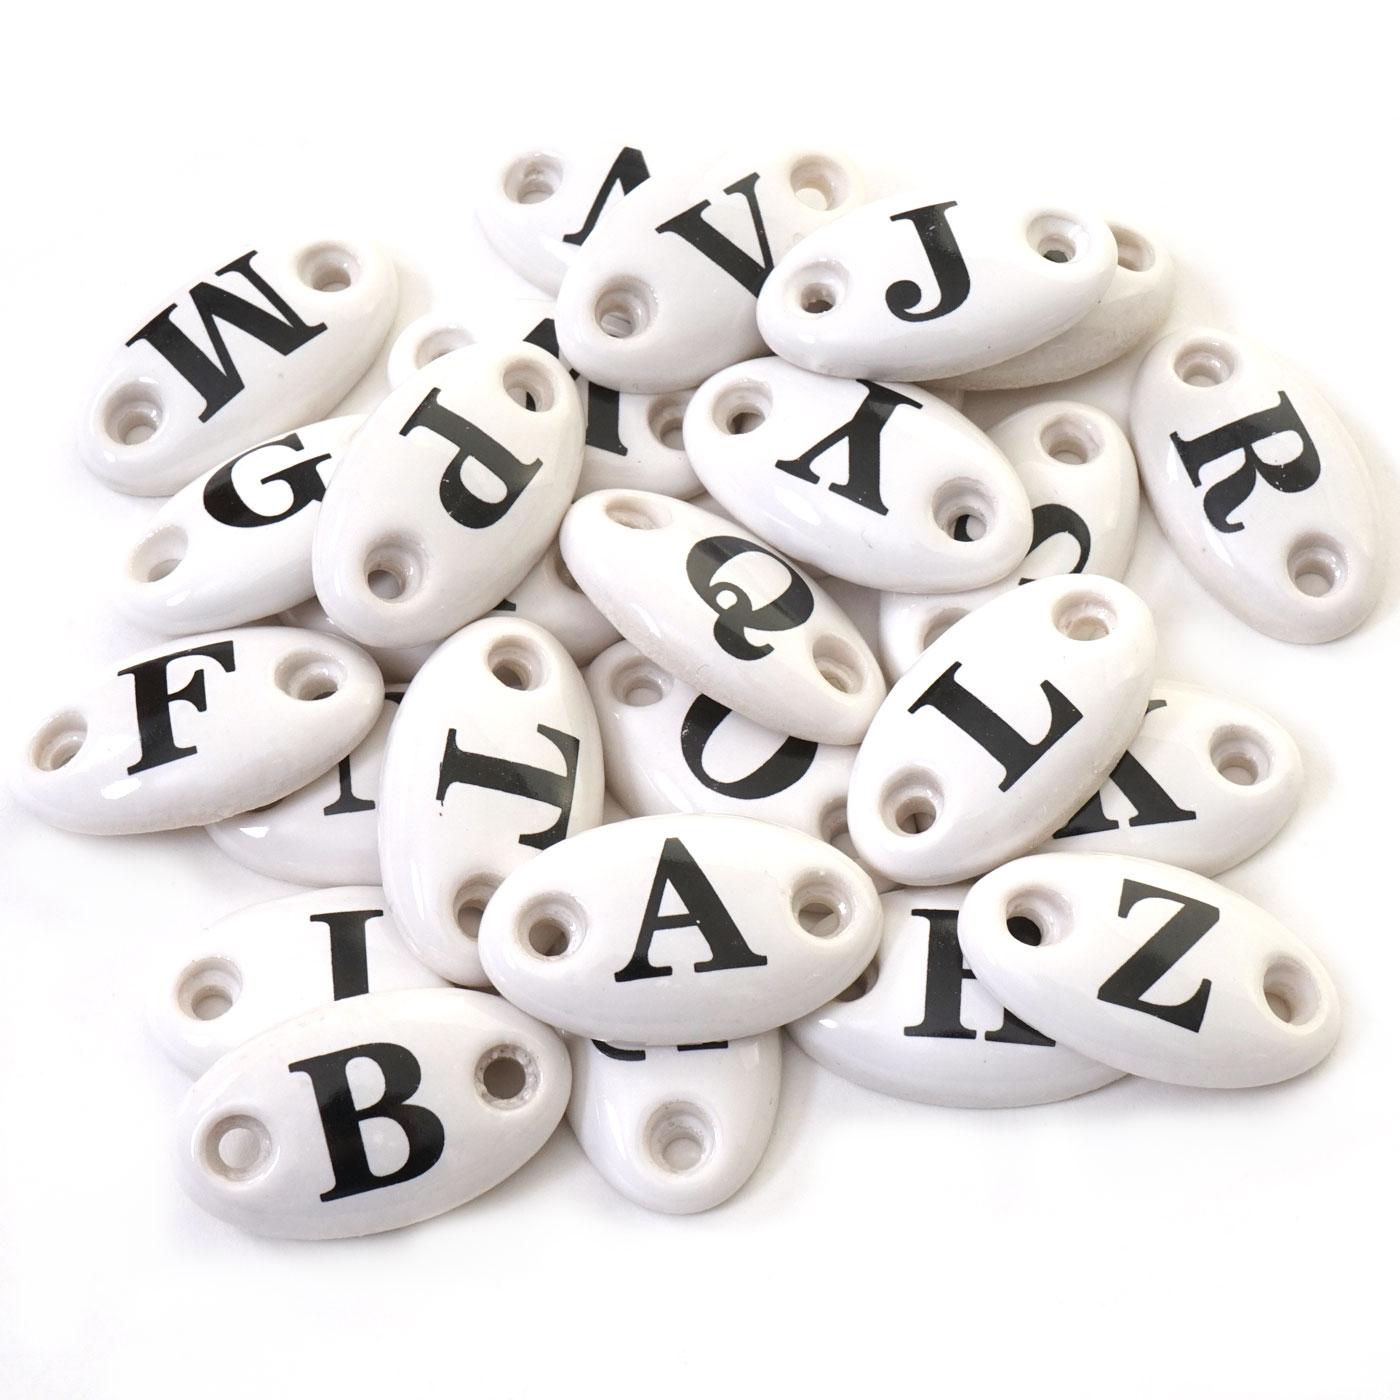 Button A-Z MCW-A43, Buchstaben Letter Schild Deko, Keramik, Zubehör